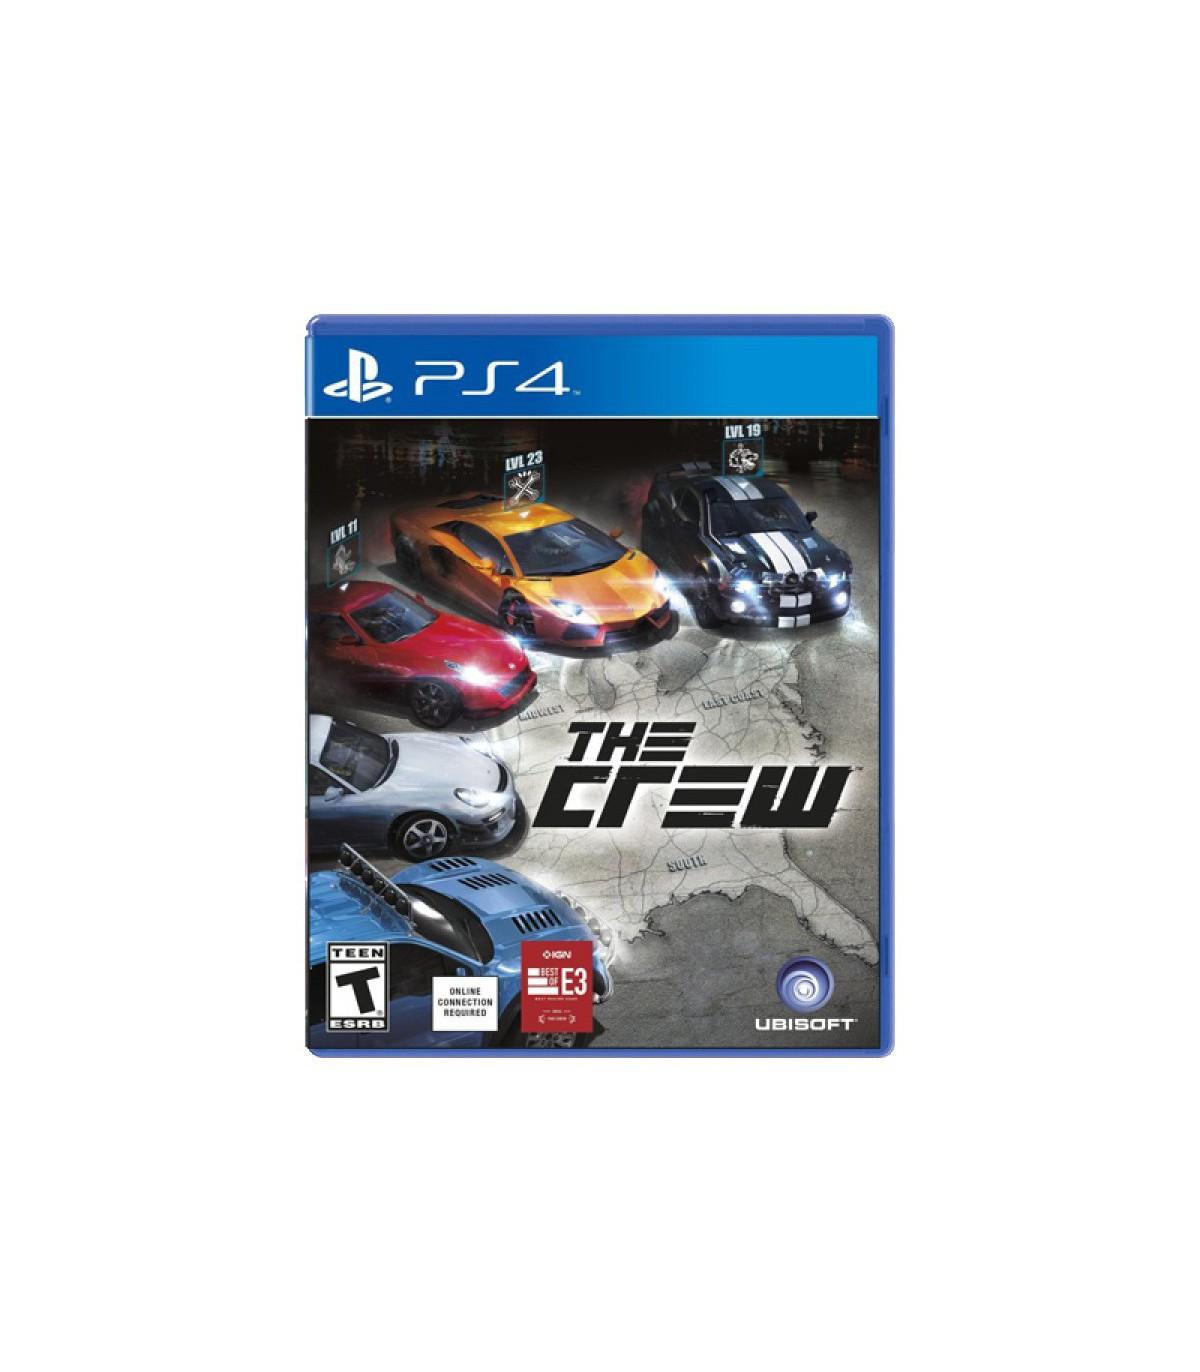 بازی The Crew کارکرده - پلی استیشن 4